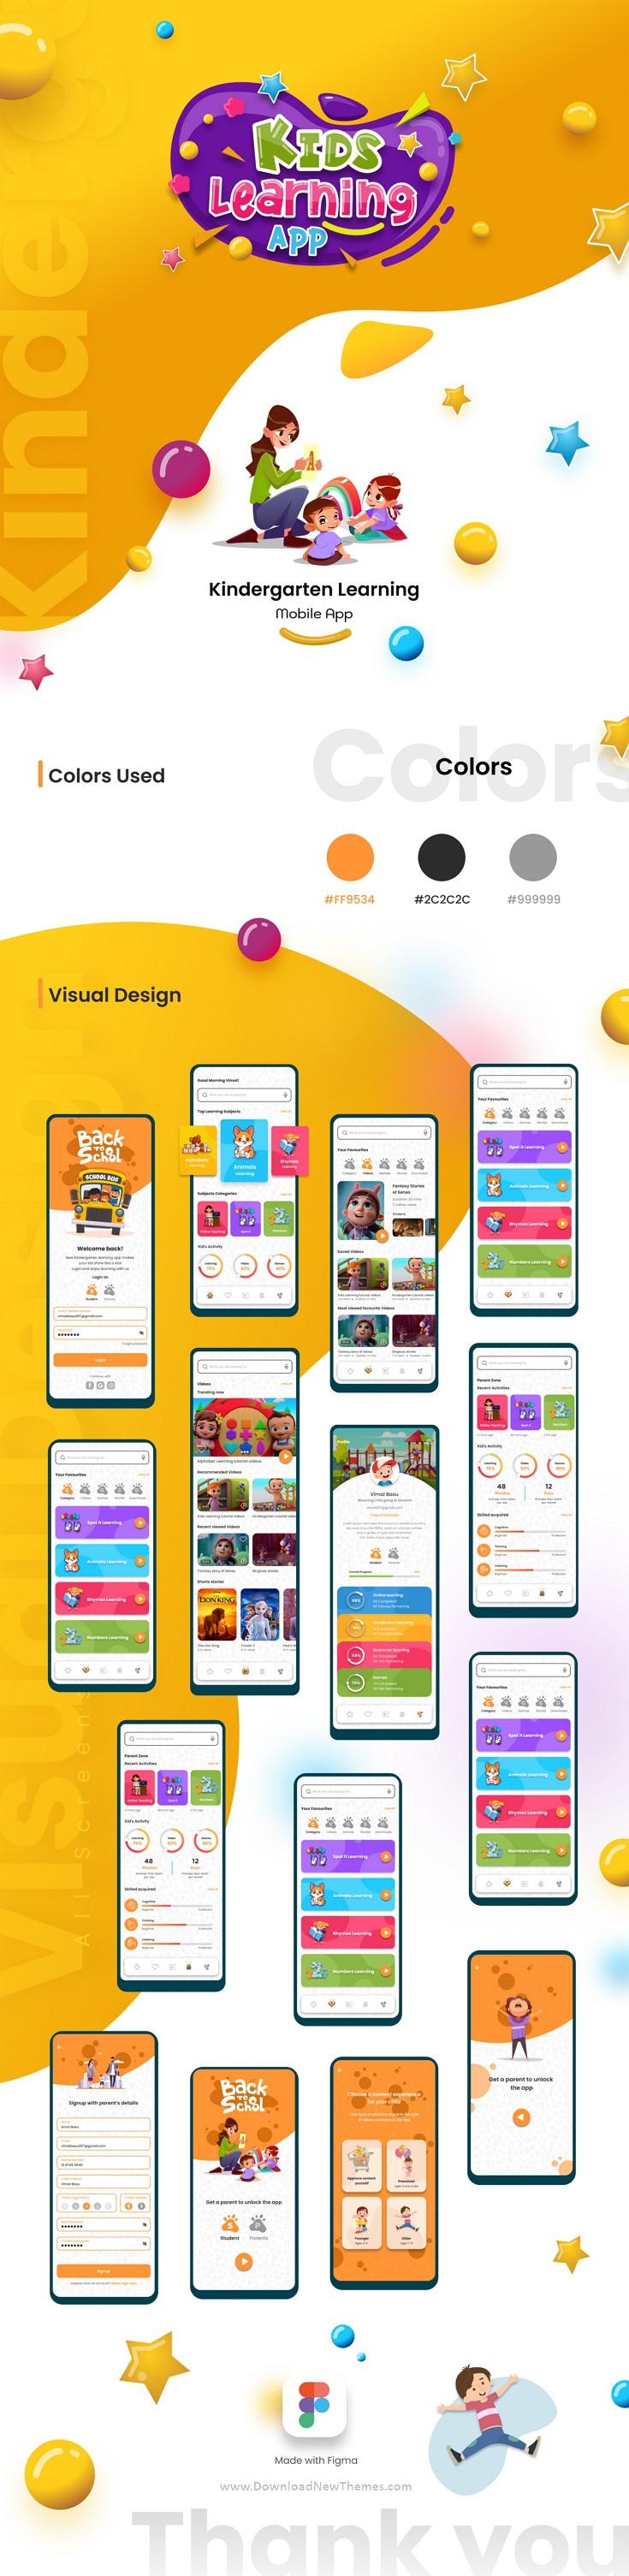 Kids Learning App Figma Template